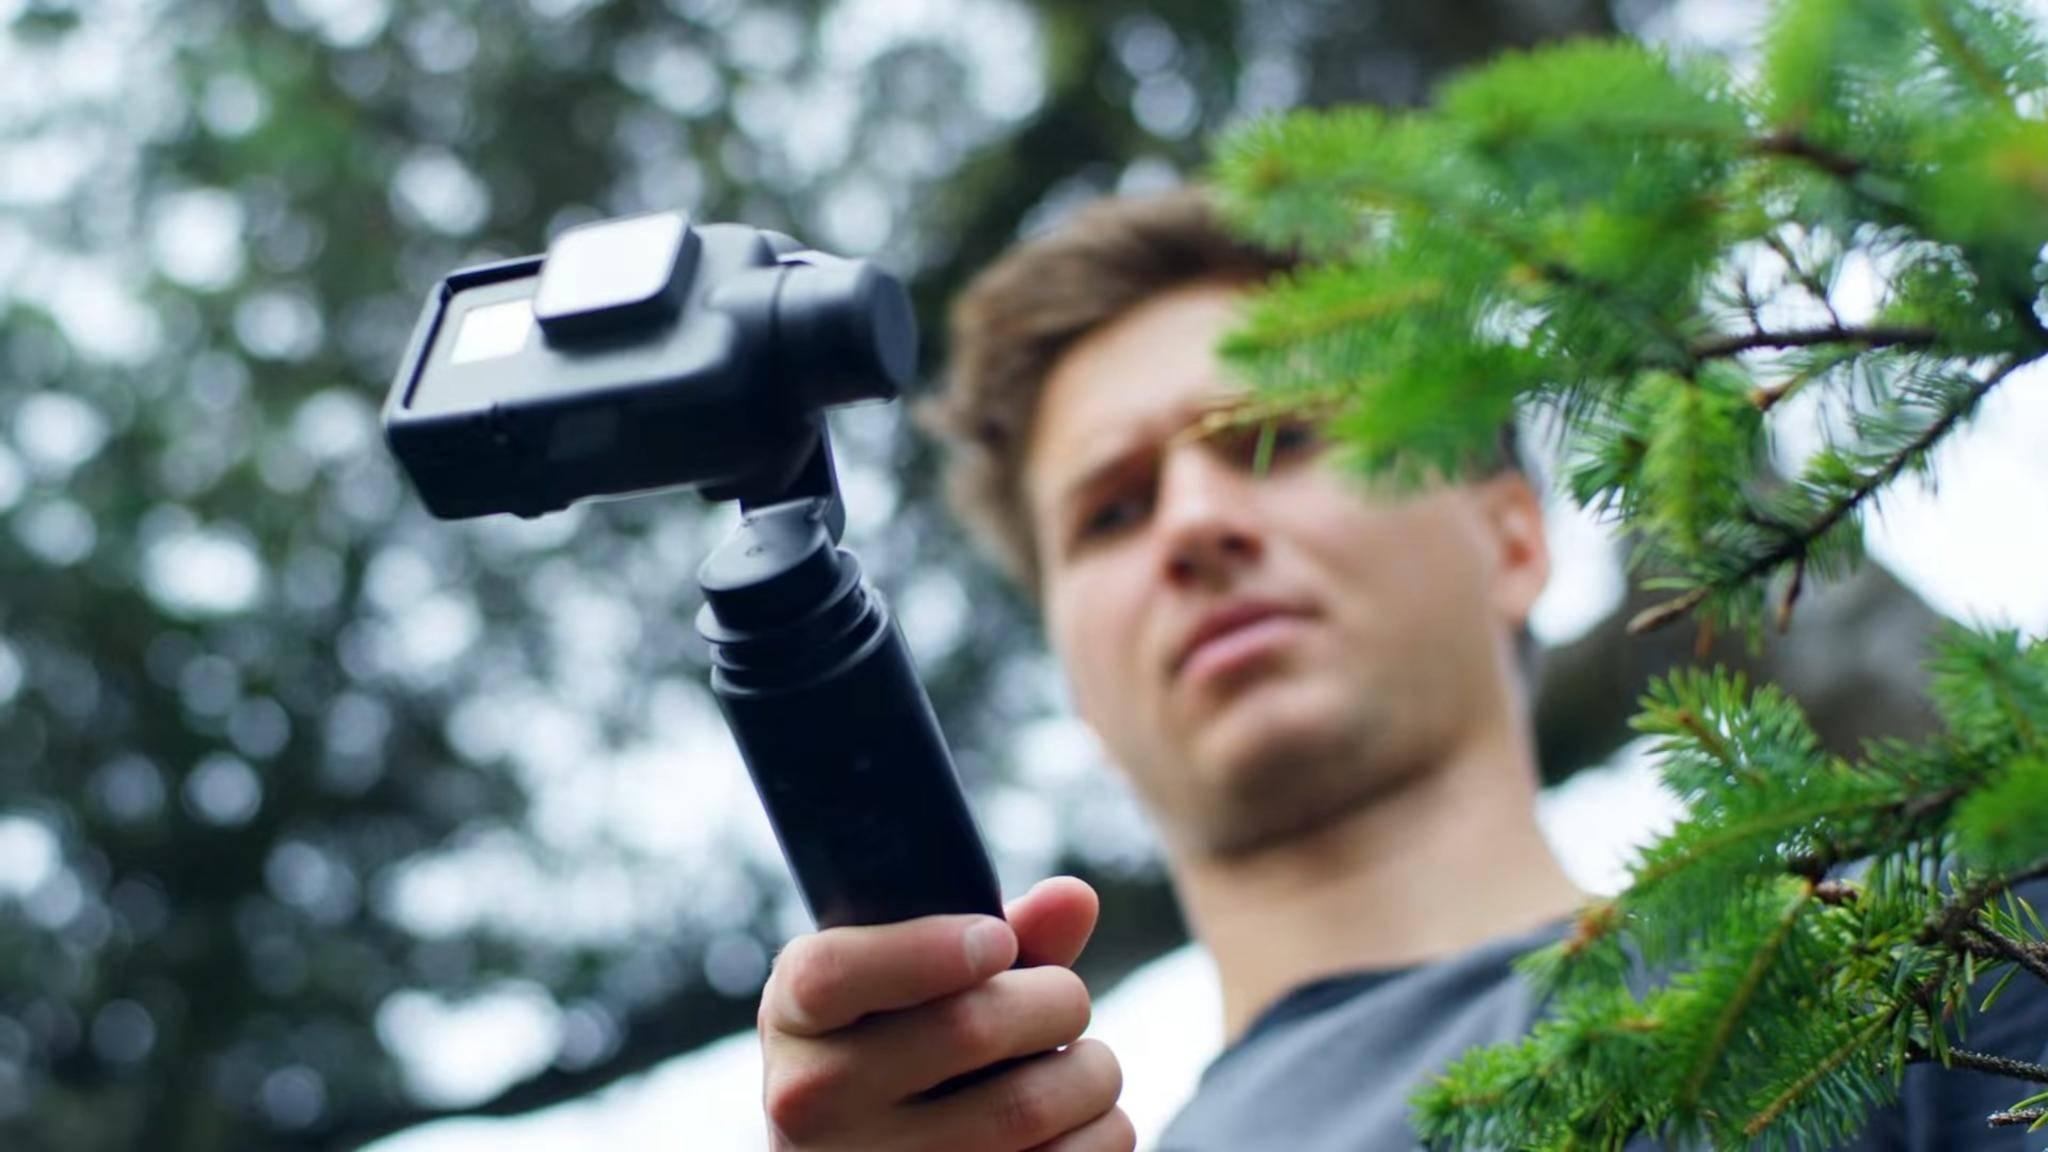 Der Kamera-Stabilisator GoPro Karma Grip sorgt angeblich für wackelfreie Aufnahmen.